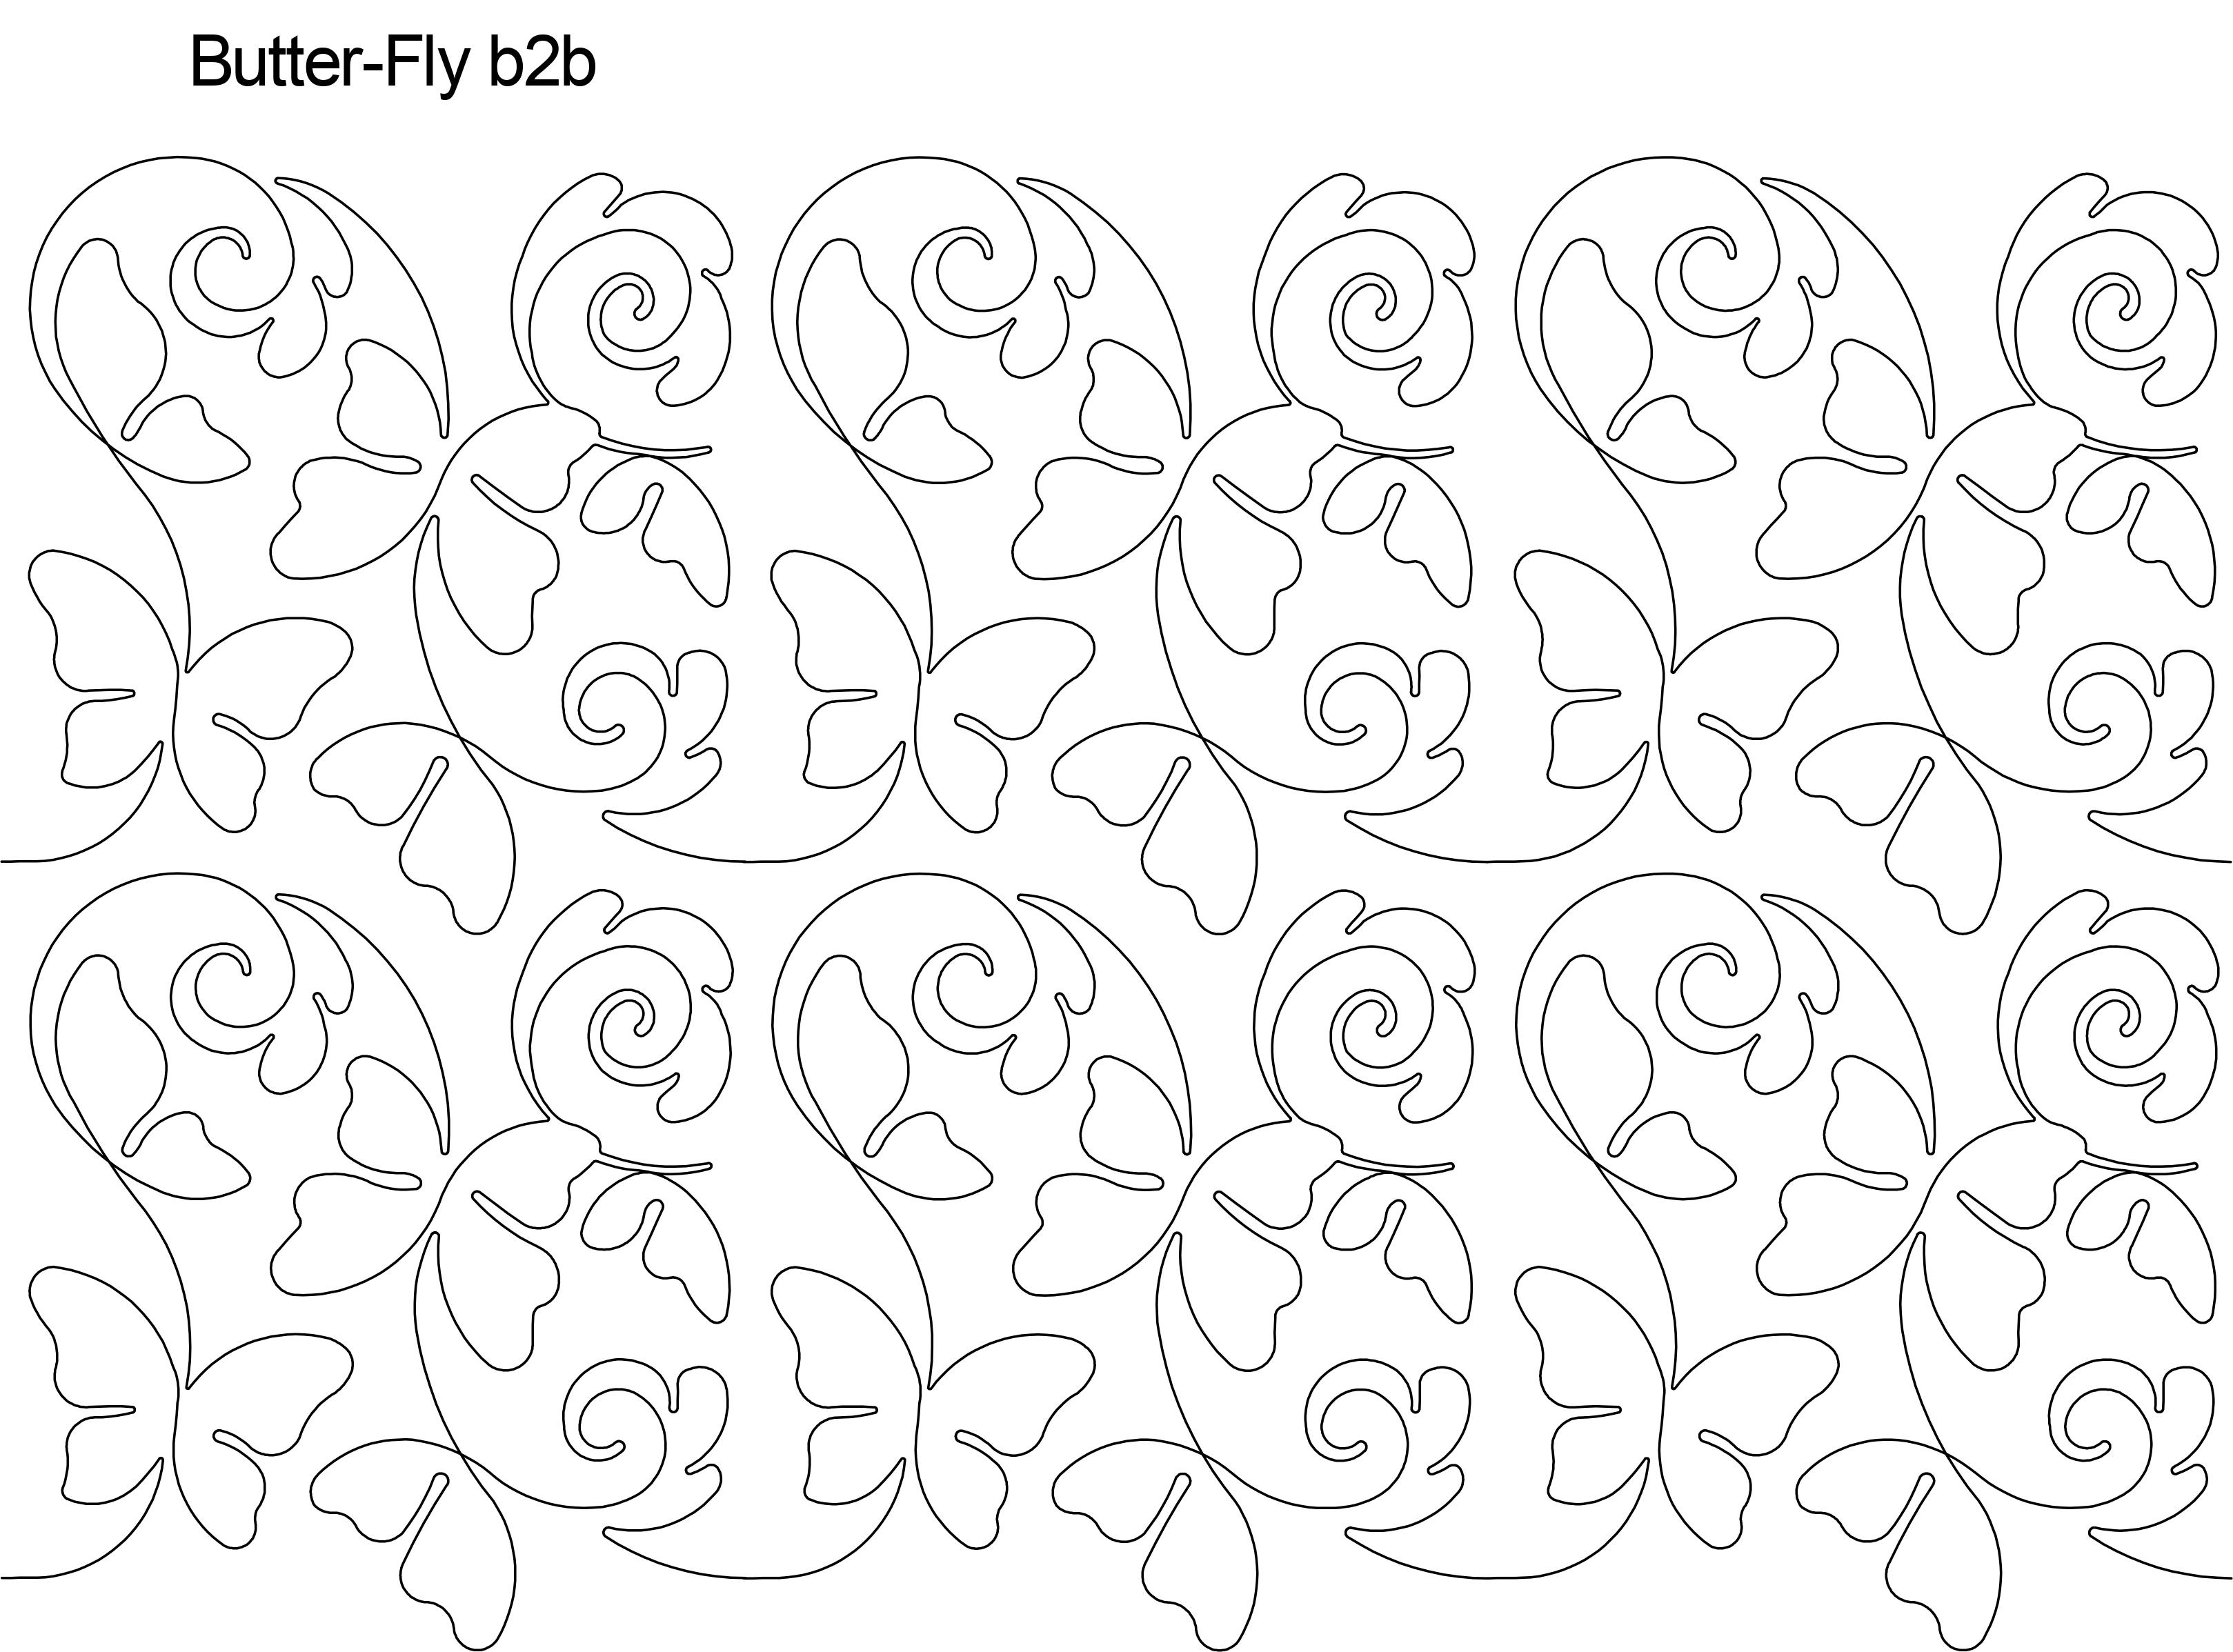 Butter-Fly b2b